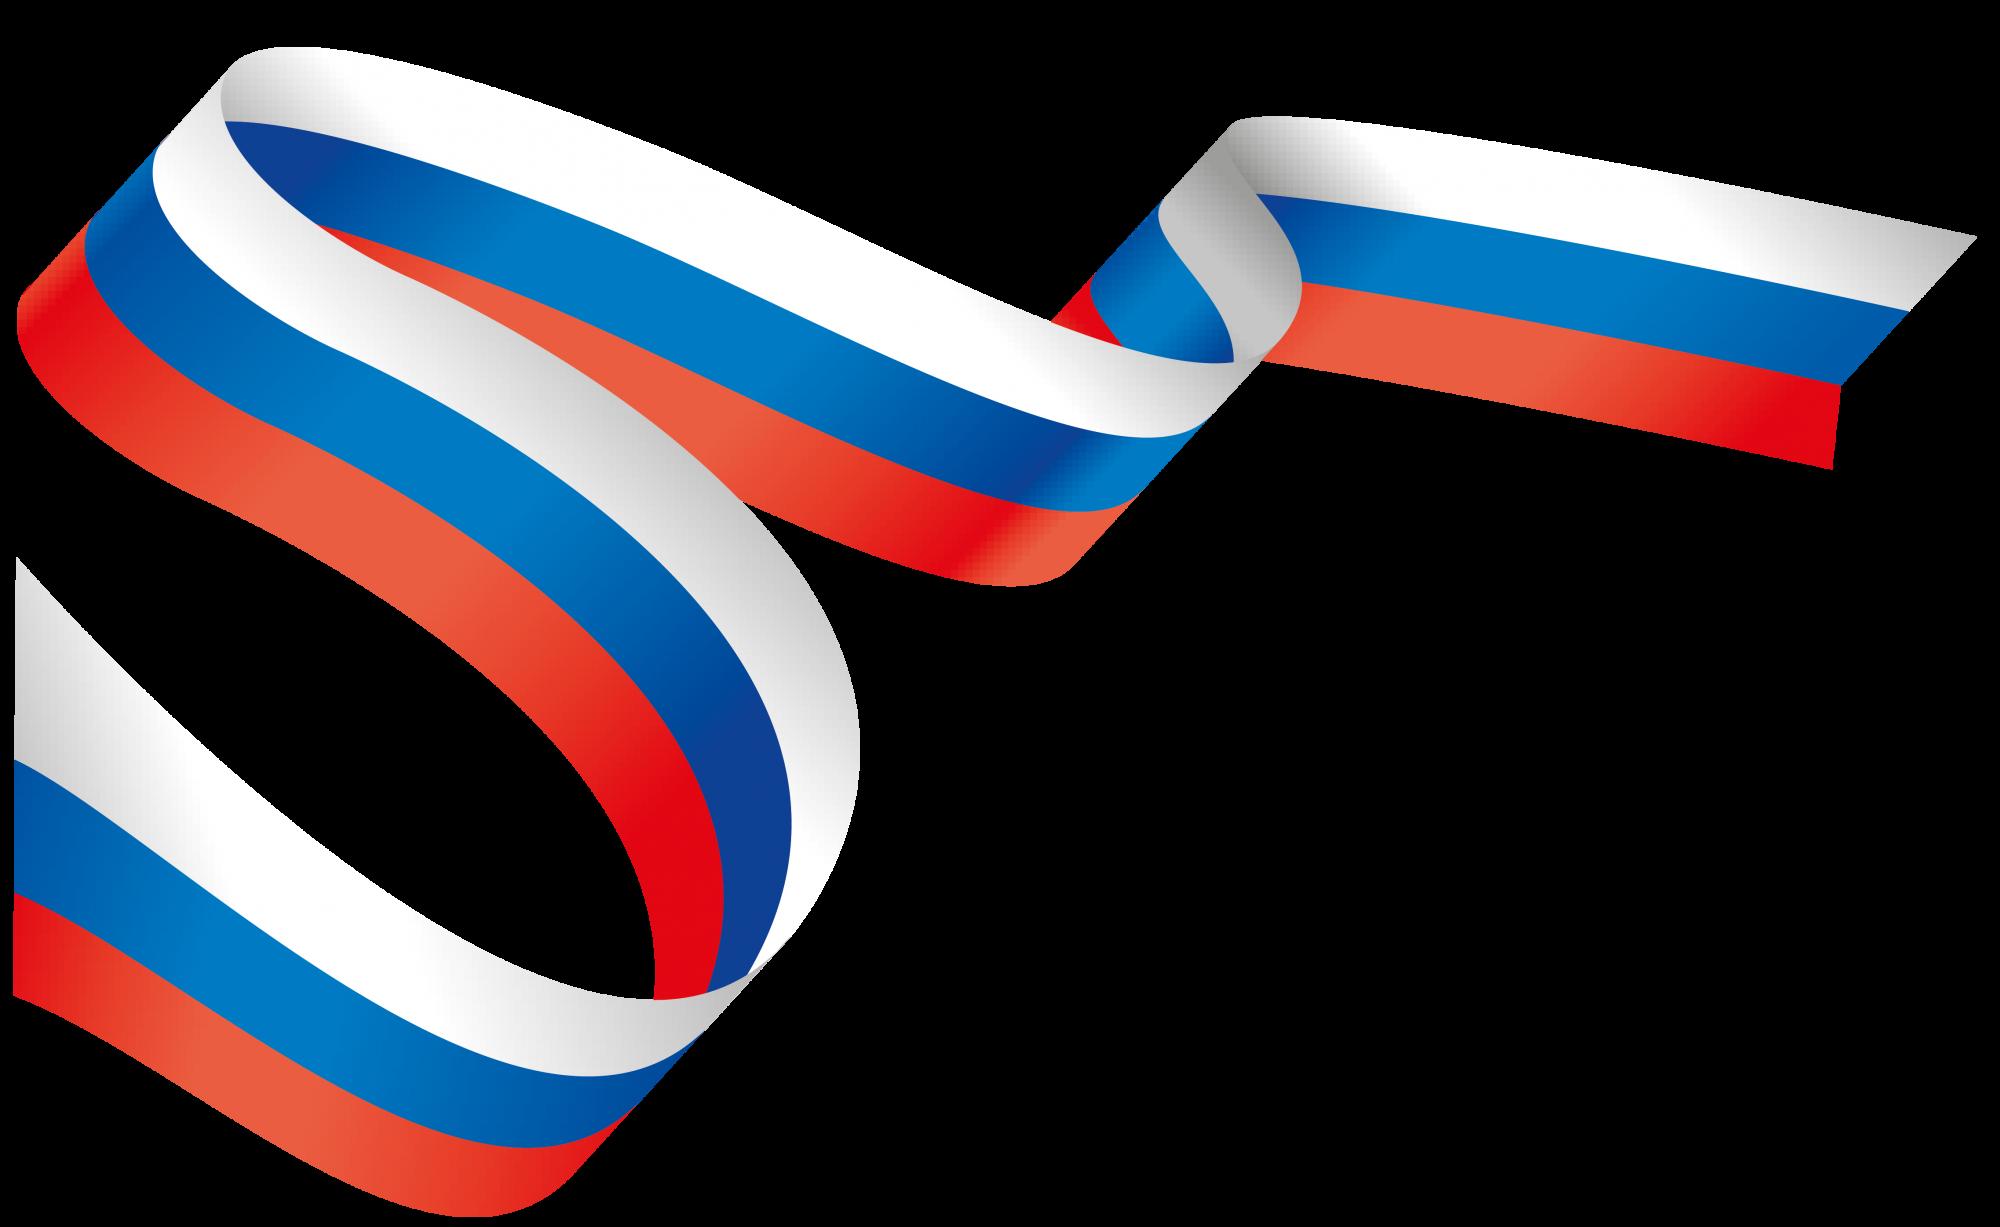 ленточка россии без фона бесплатные картинки радуга